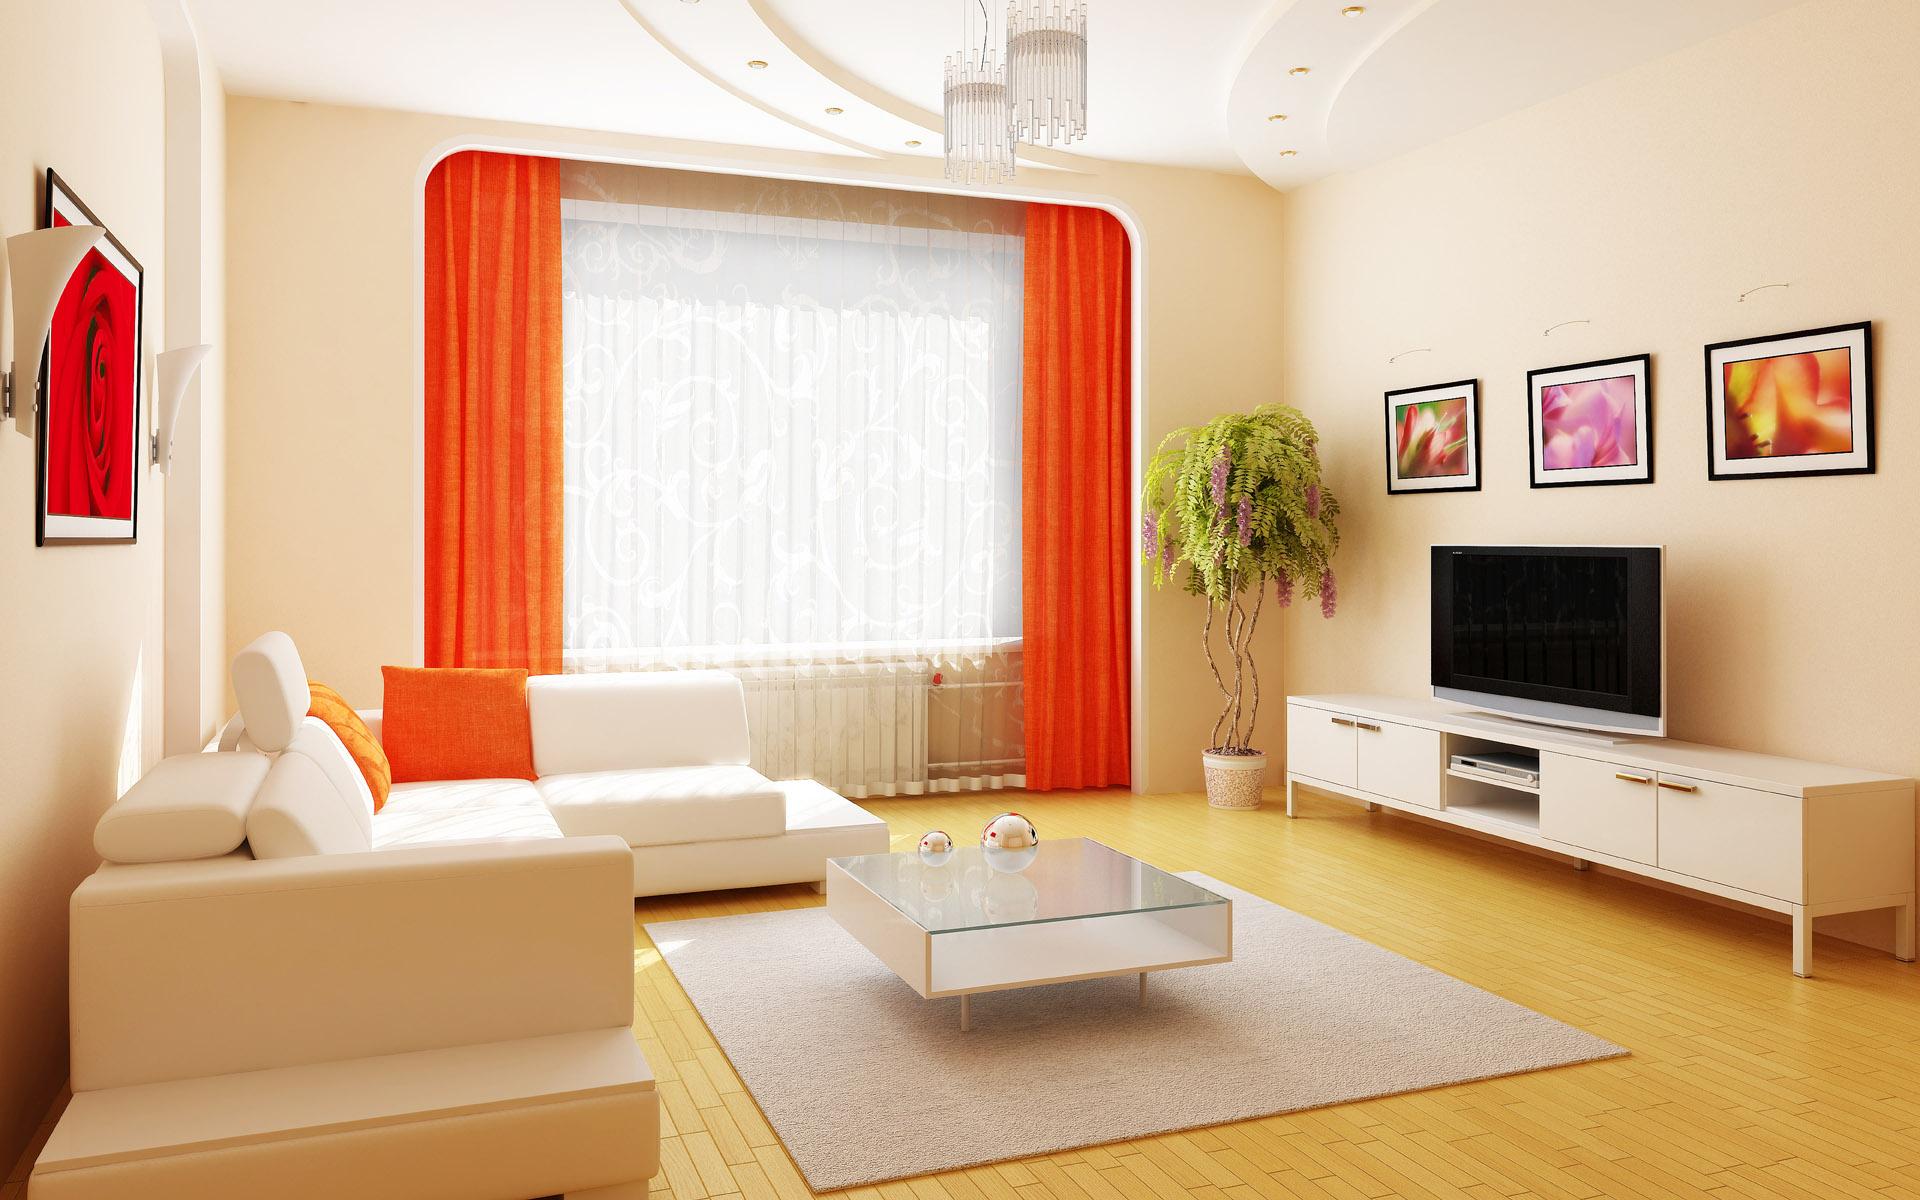 مشاركتي في مسابقة اجمل منزل Living-Room-28.jpg